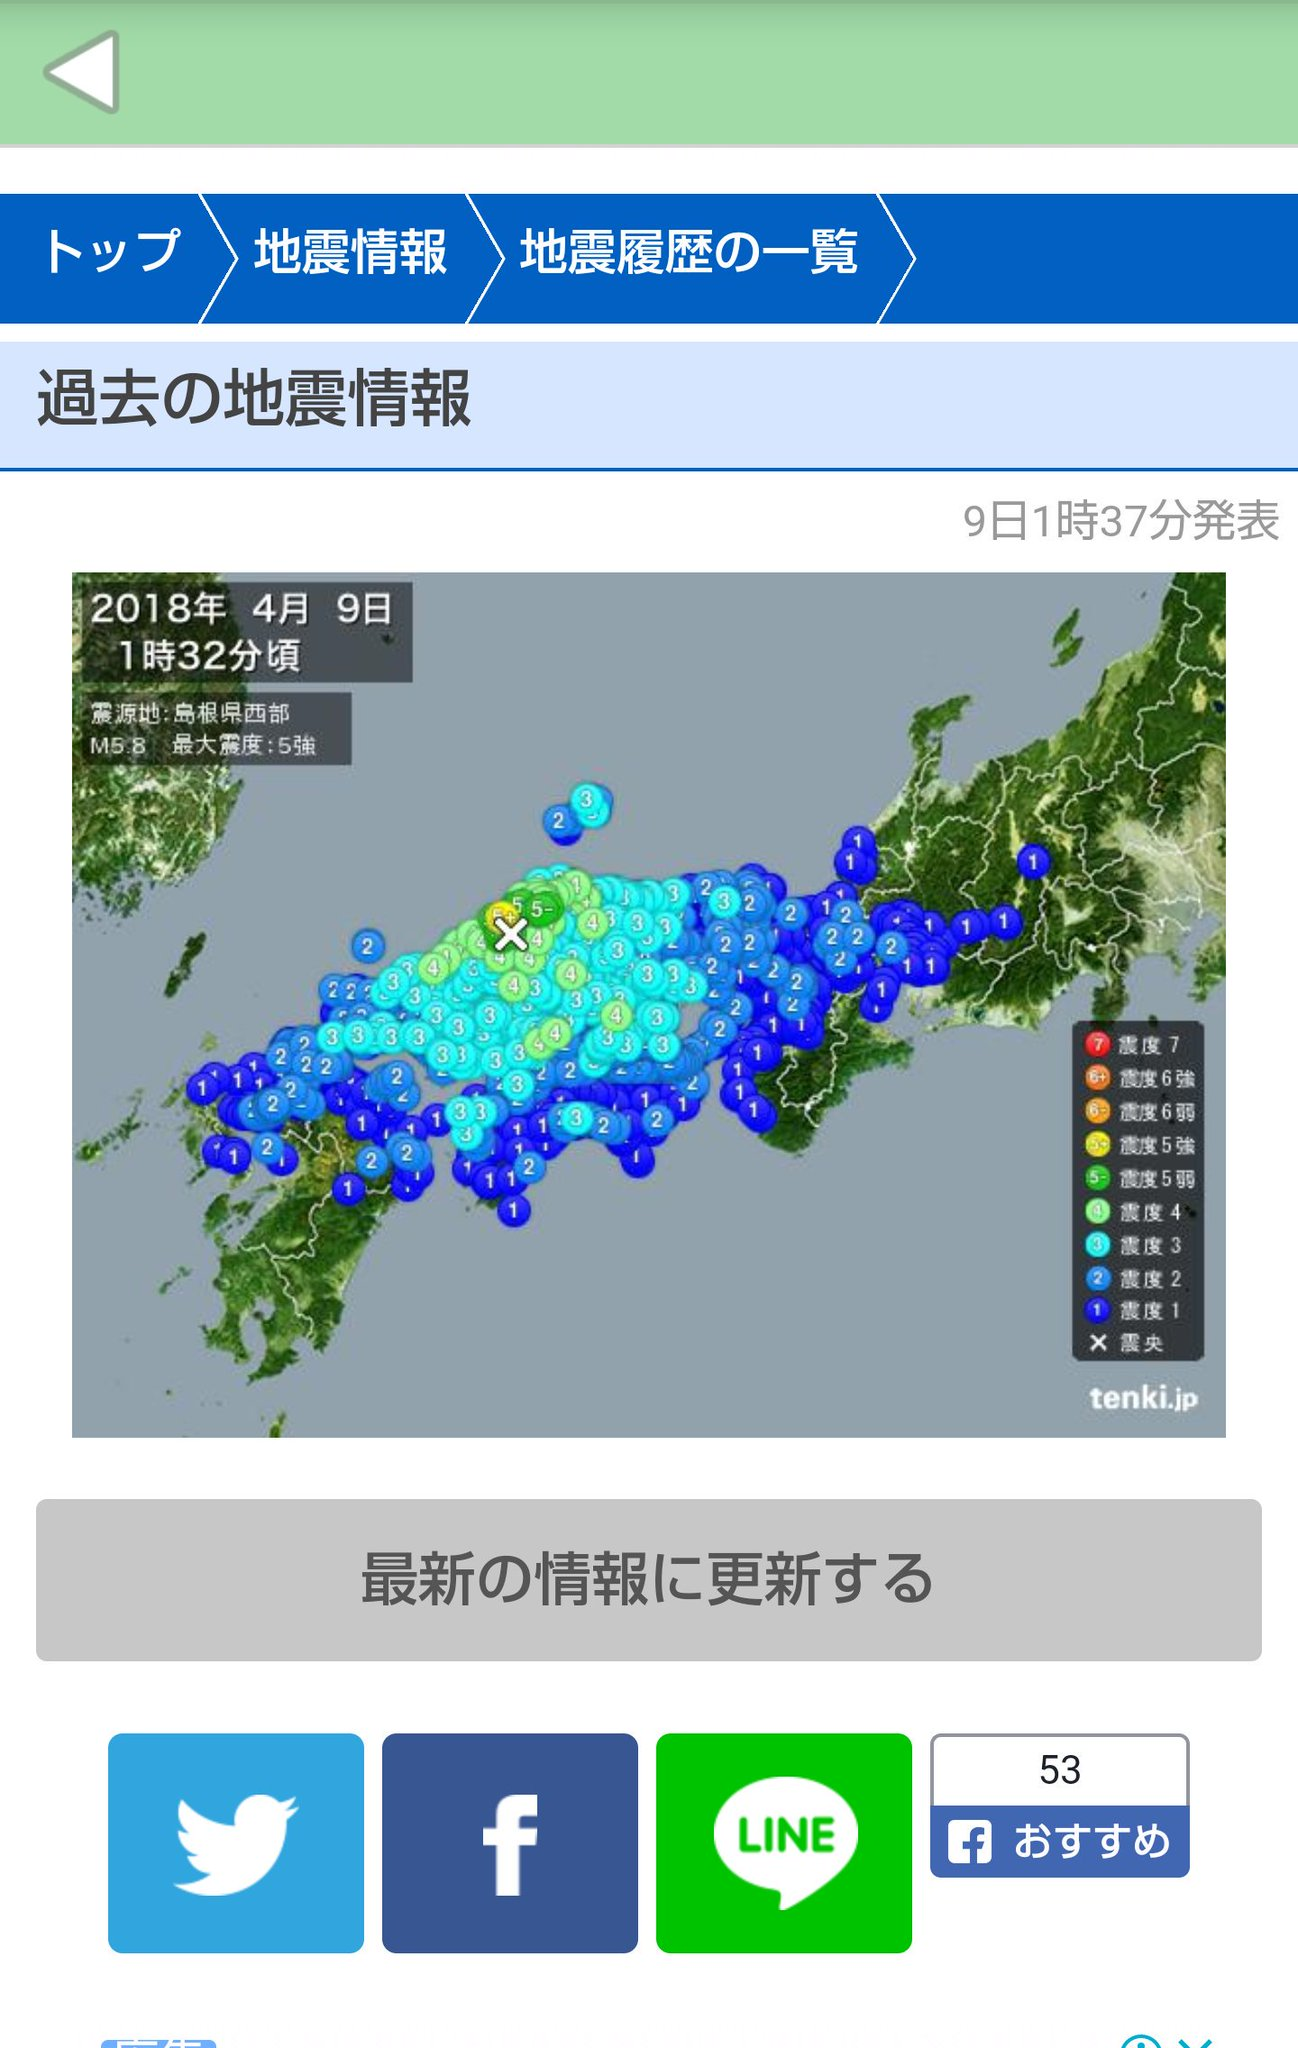 大震災 前震 東日本